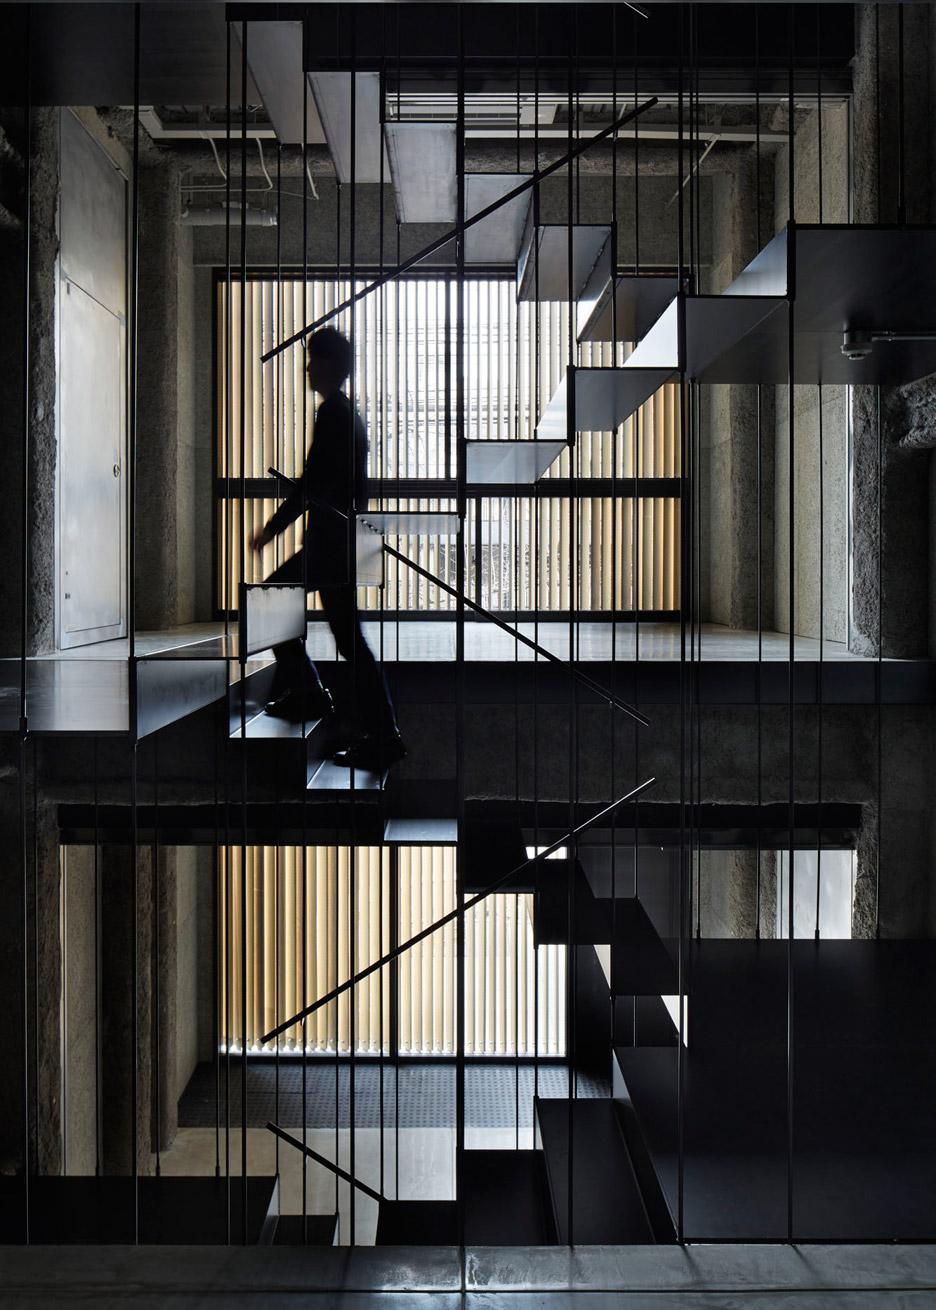 K8 by Florian Busch